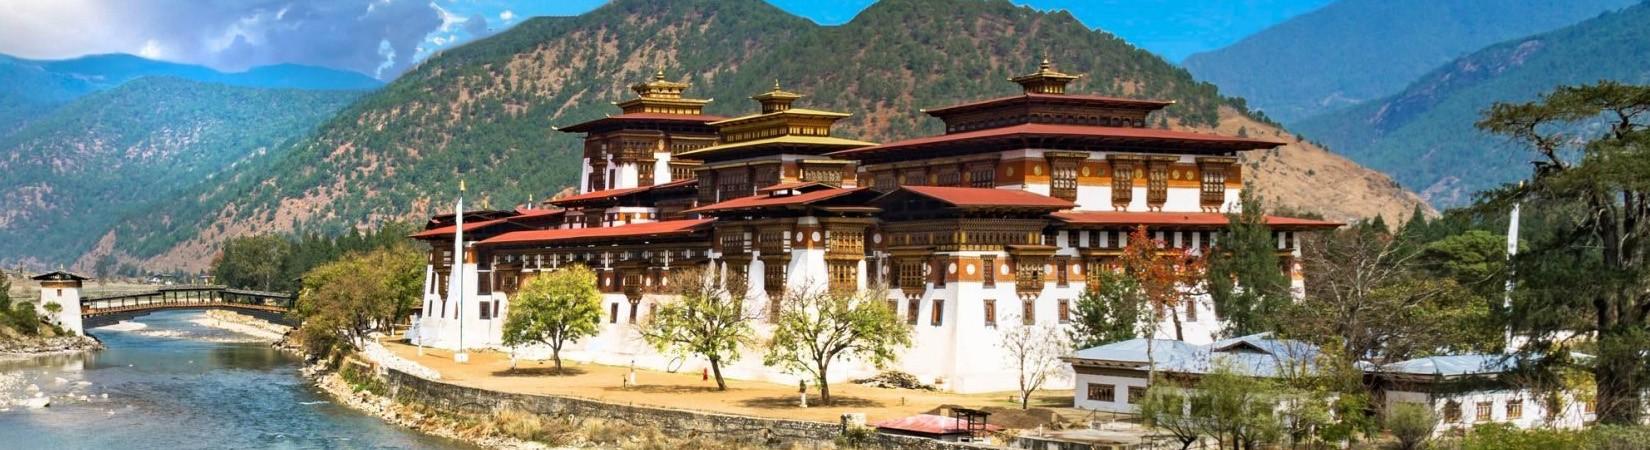 Le Palais Royal de Dechencholing de Thimpu